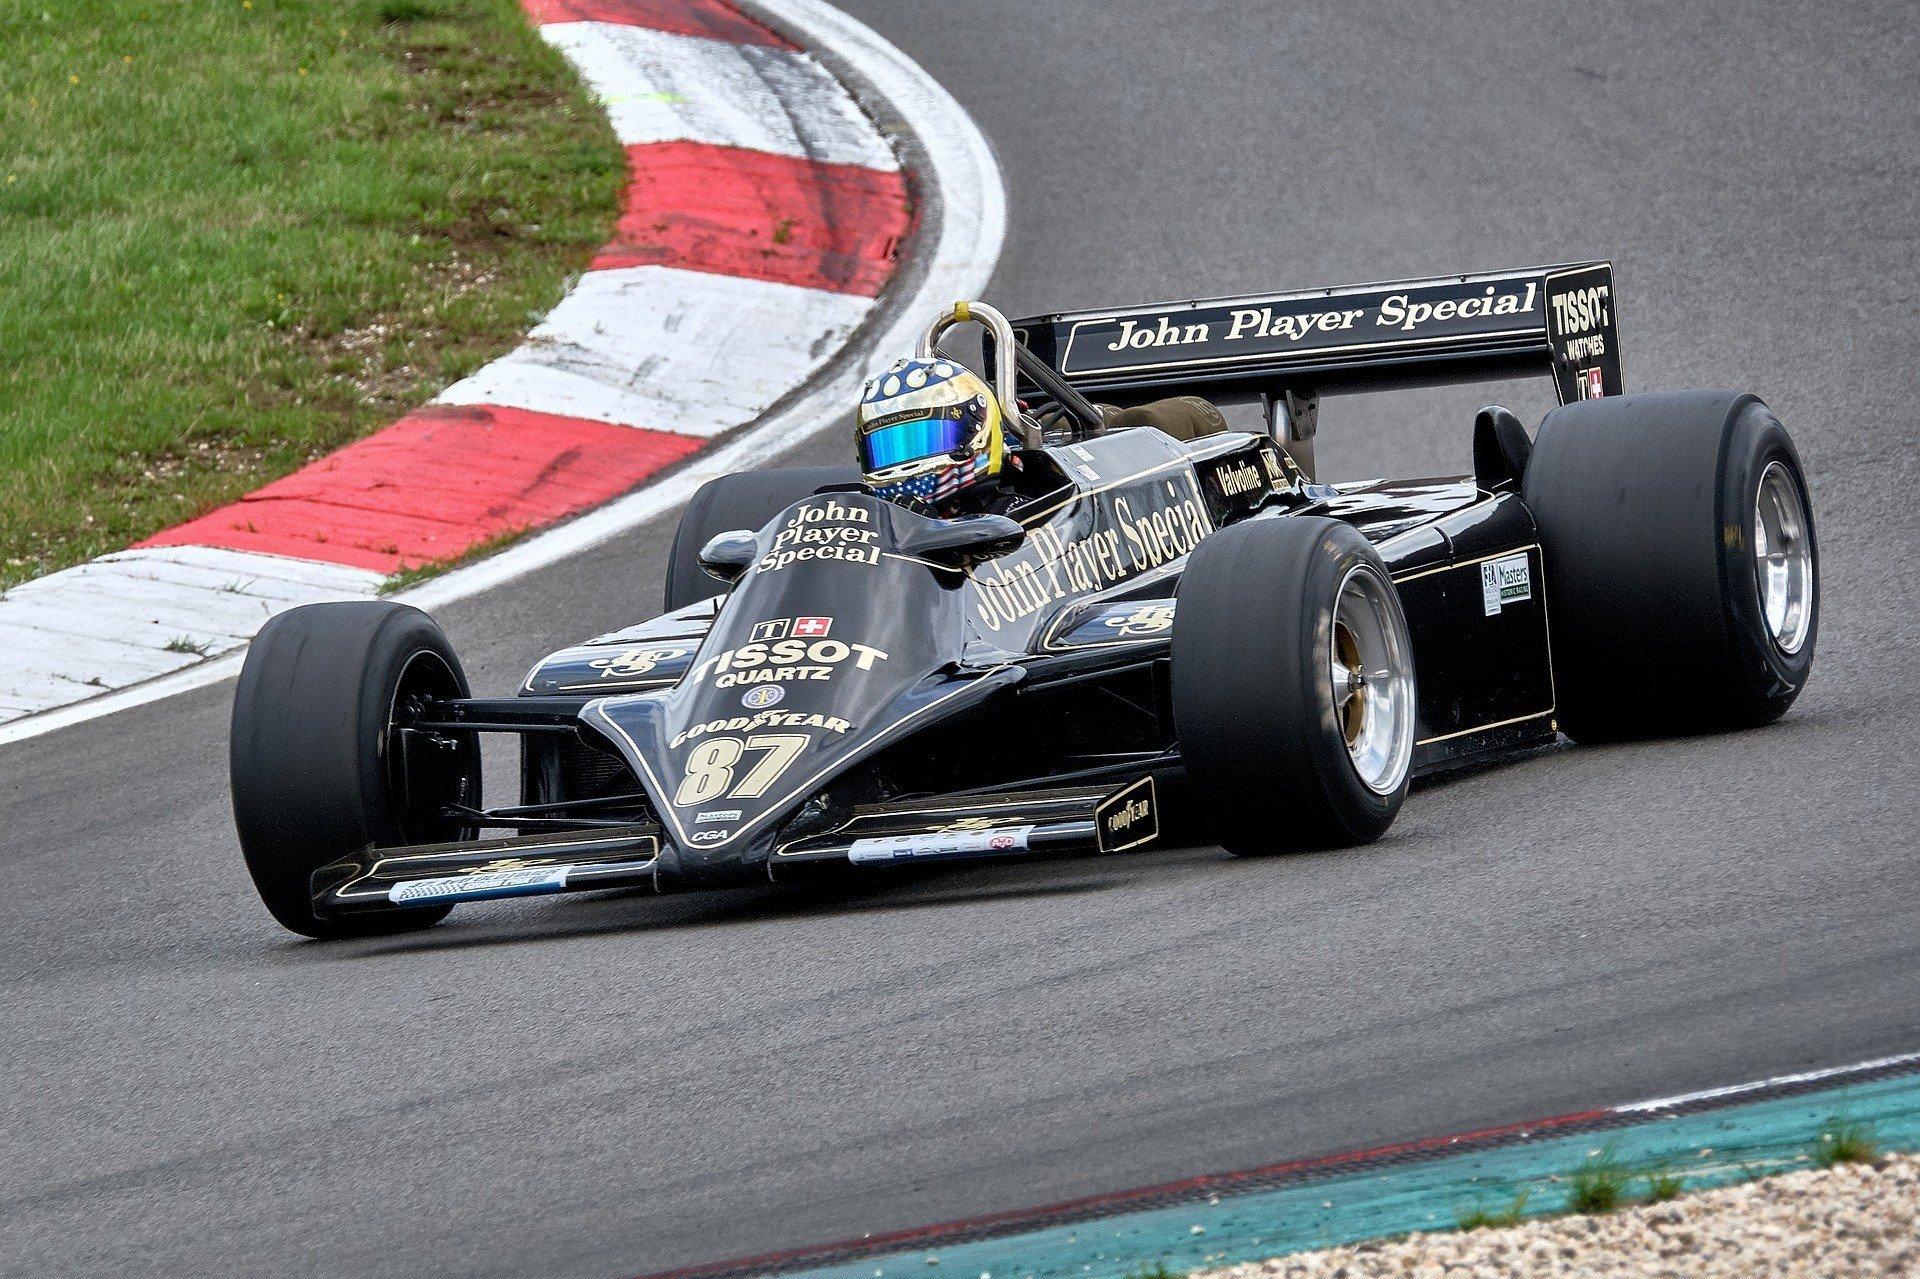 ФИА утвердила календарь гонок «Формулы-1» на 2021 год